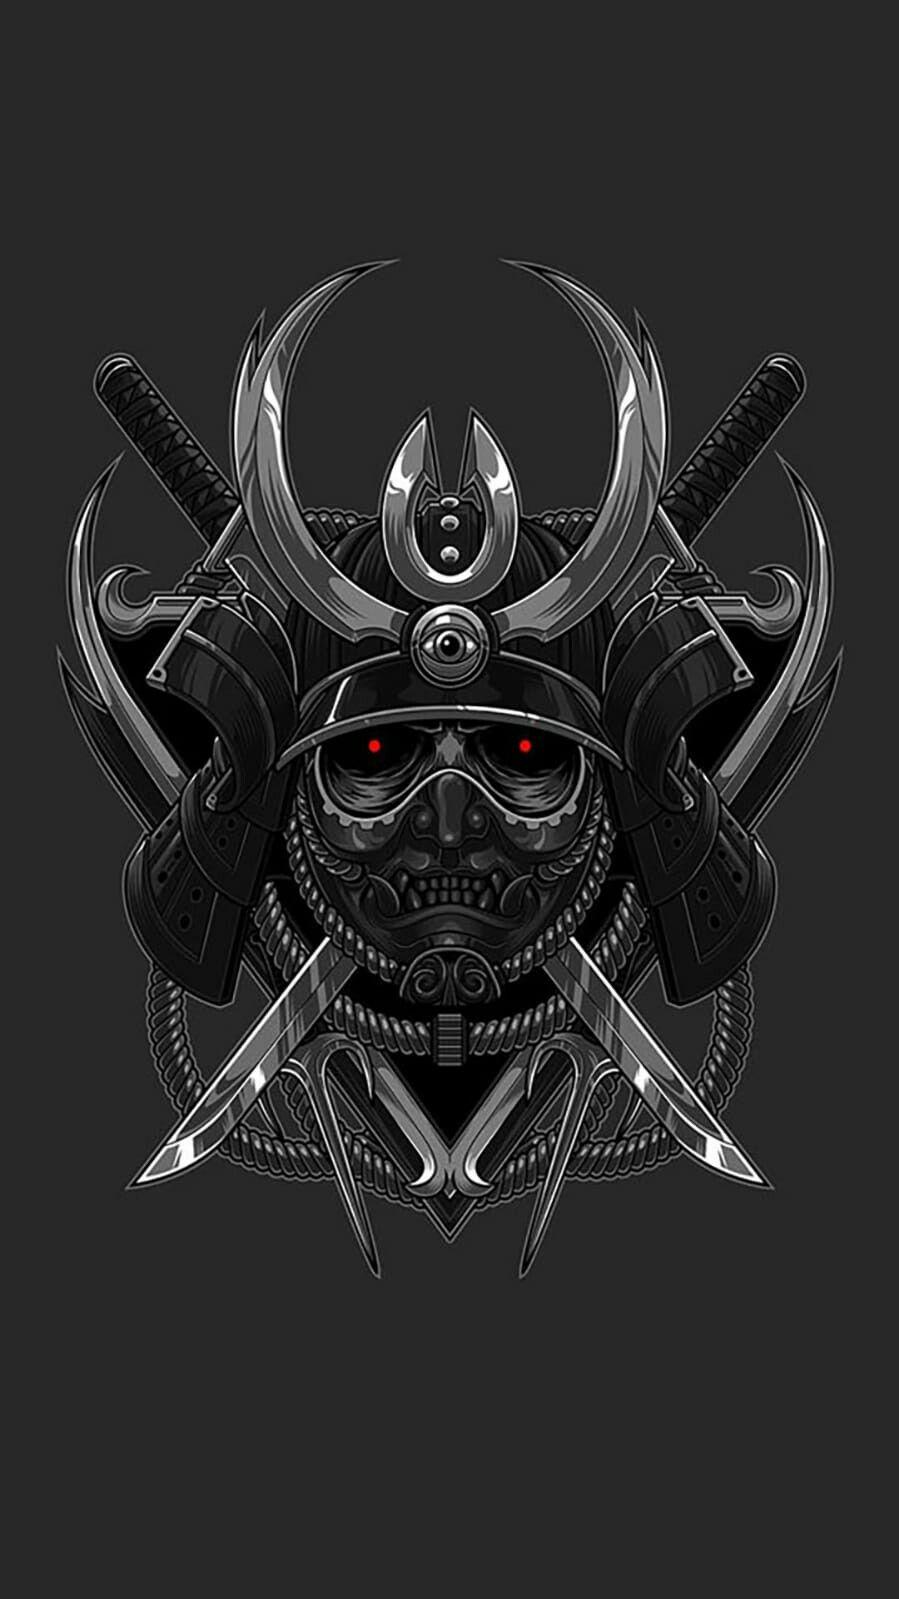 Samurai Clan Samurai Mask Tattoo Samurai Warrior Tattoo Samurai Wallpaper